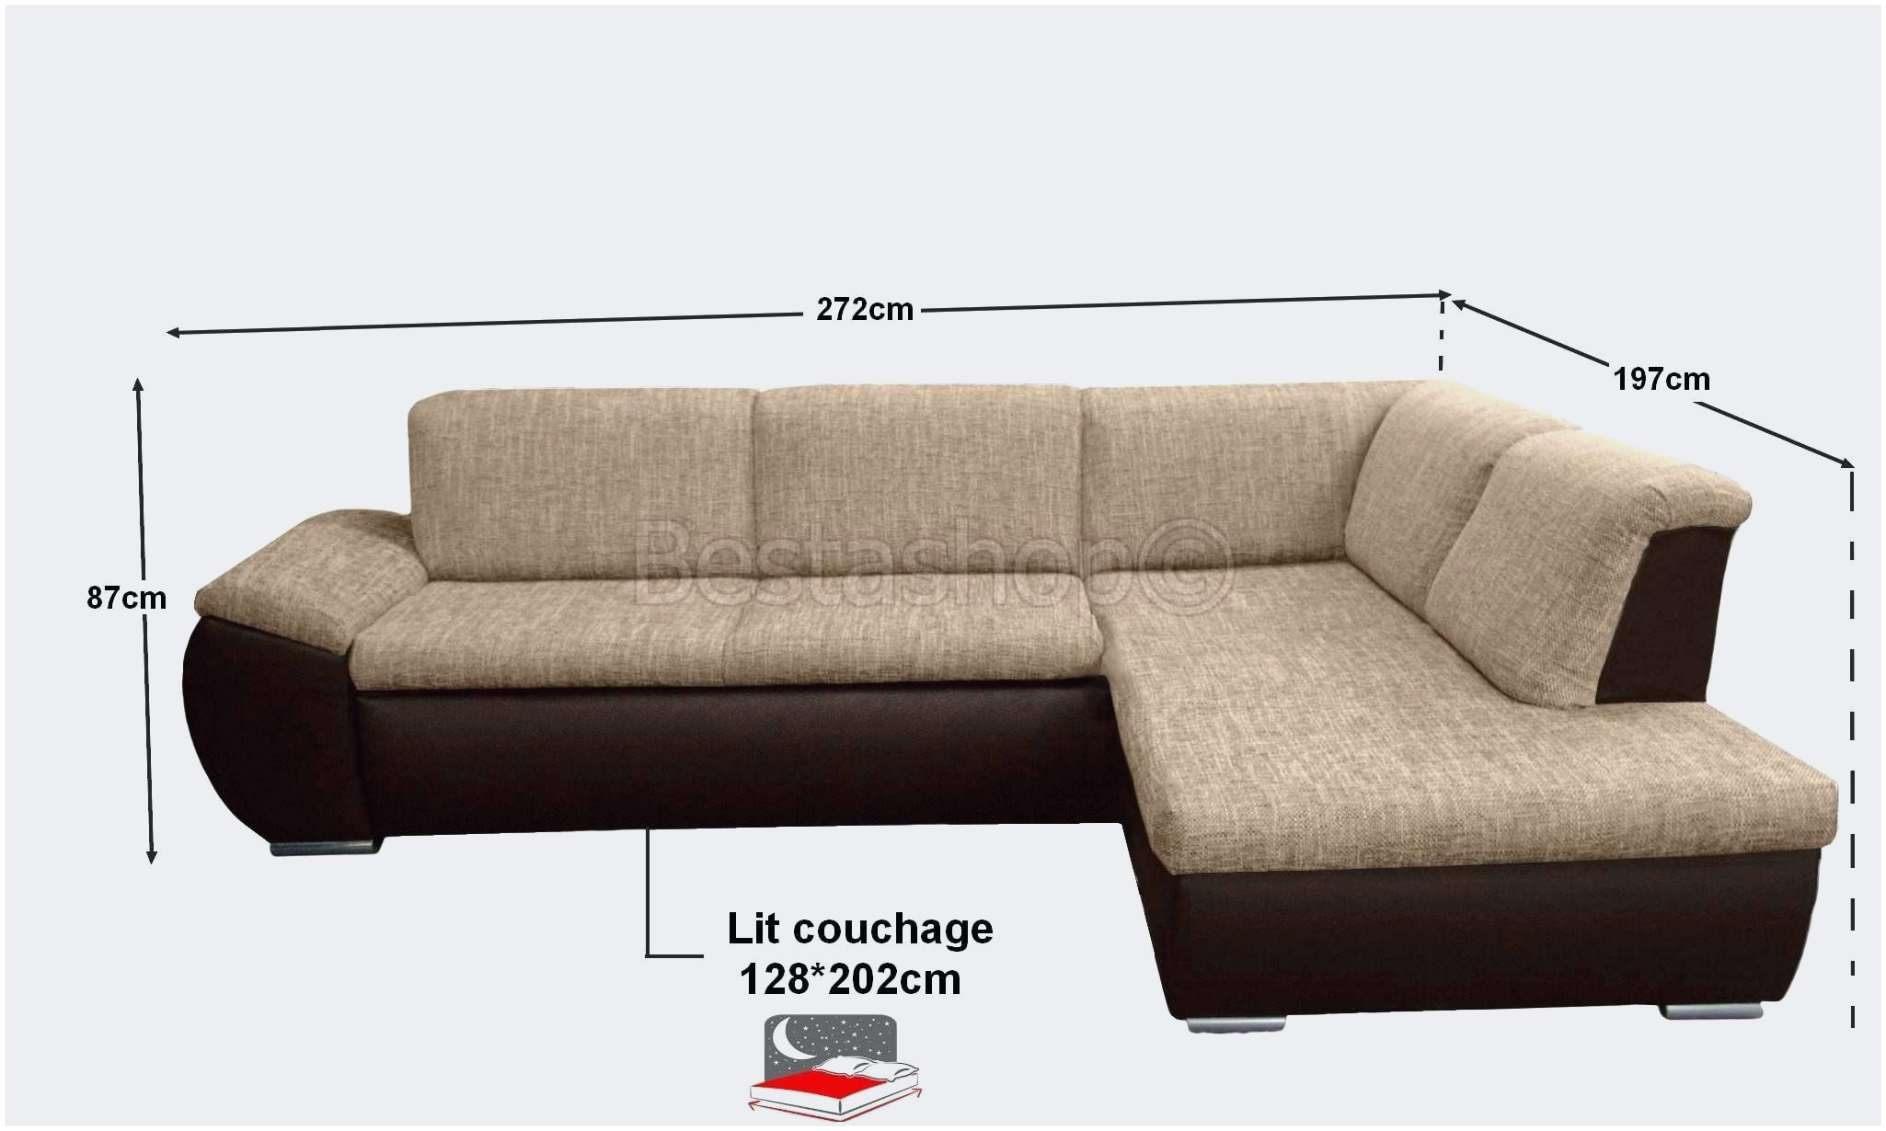 Ikea Canapé Lit Convertible Magnifique 60 Canapé Lit Gigogne Ikea Vue Jongor4hire